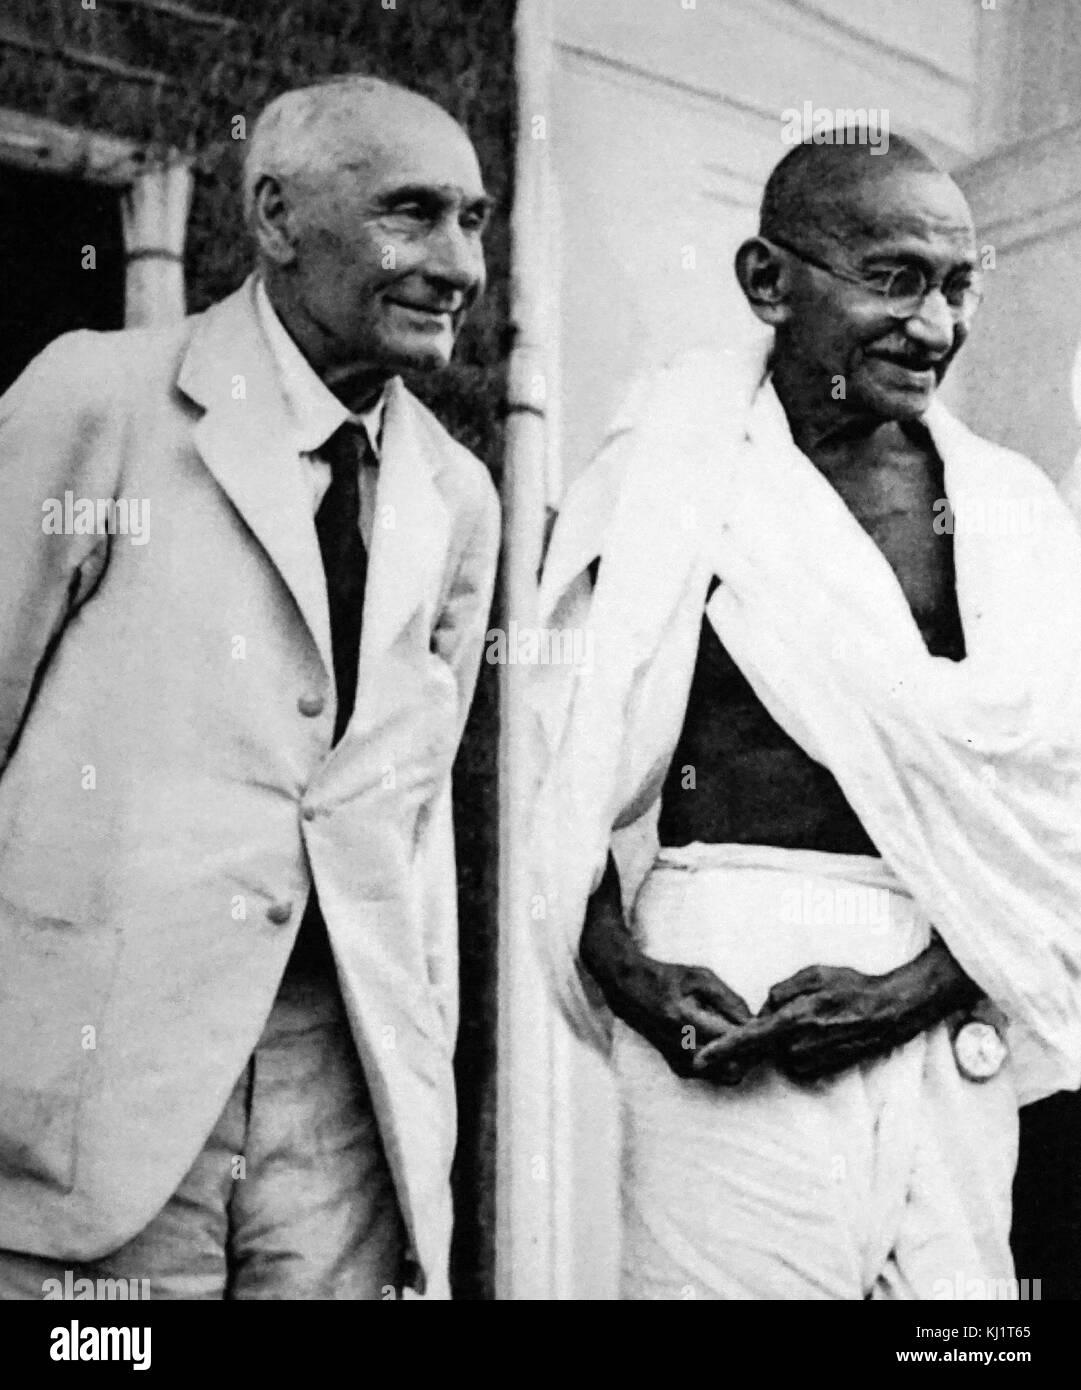 Pethwick Lawrence cumple Mahatma Gandhi en 1946. Frederick William Pethick-Lawrence, Baron Pethick-Lawrence, (1871 - 1961) fue un político laborista británico. Desde 1945 a 1947 fue Secretario de Estado para la India y Birmania, con un asiento en el gabinete, y participó en las negociaciones que condujeron a la independencia de la India en 1947 Foto de stock